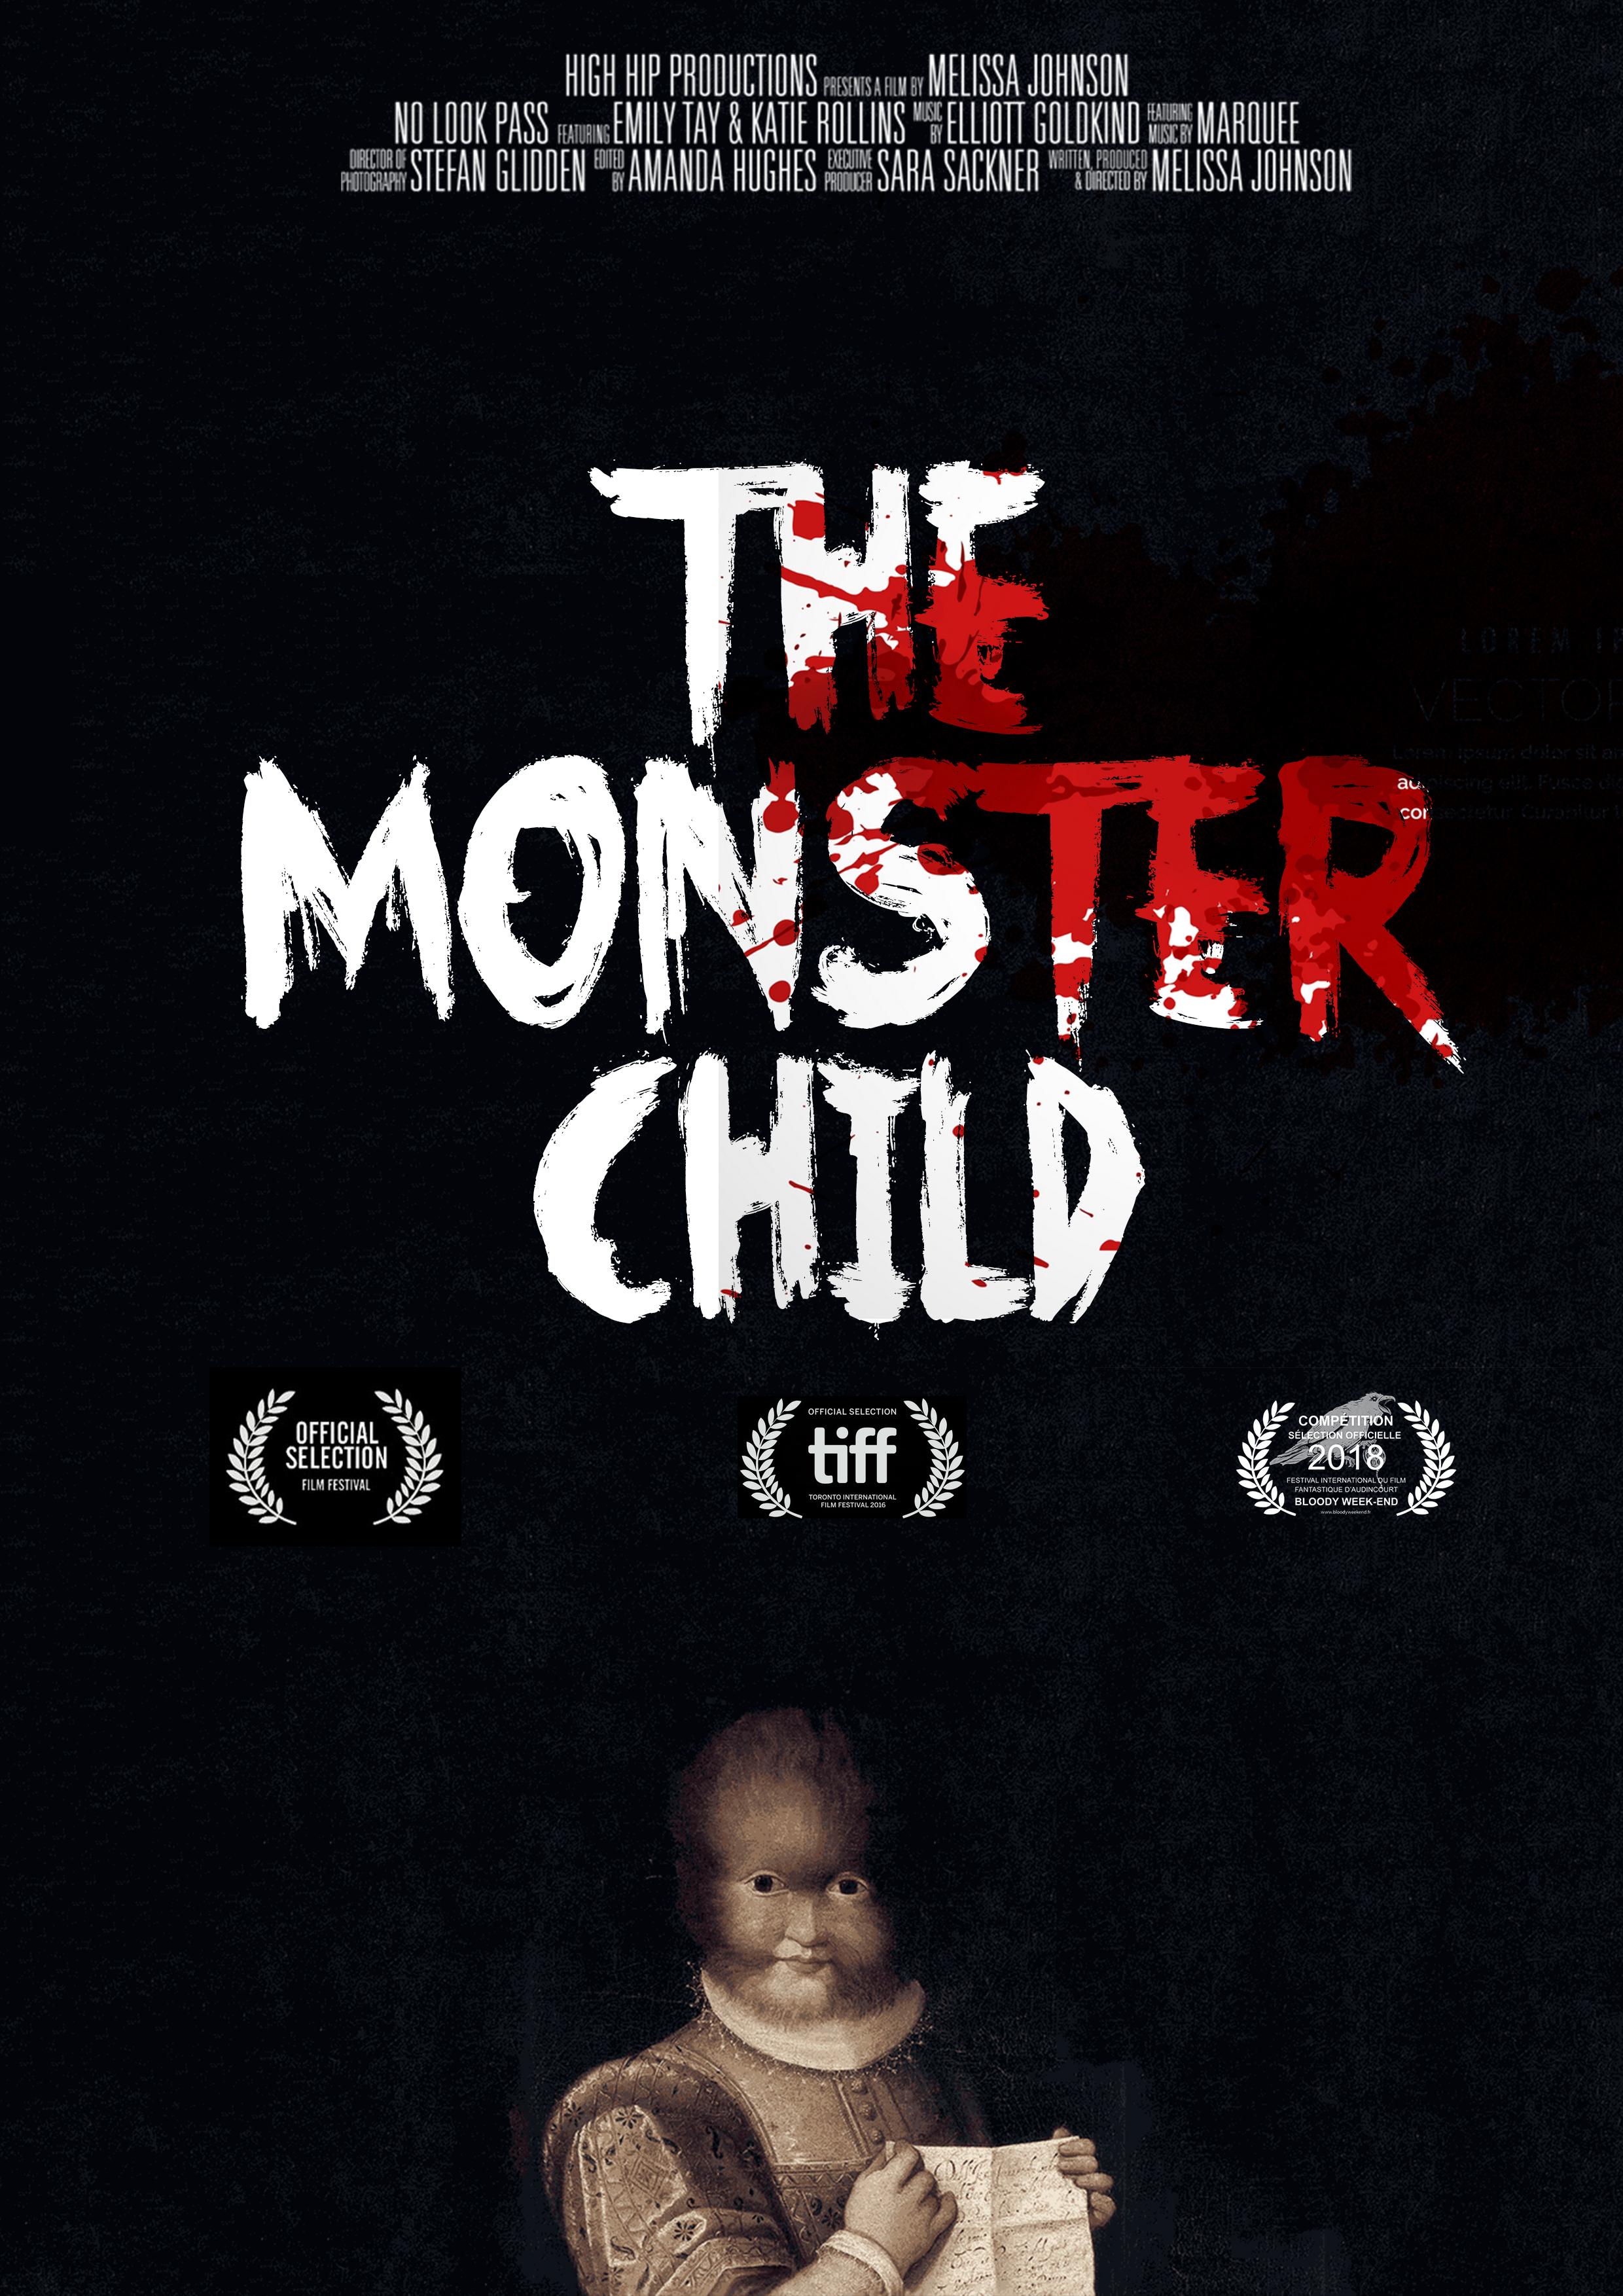 Affiche de film d'horreur par Stéphanie